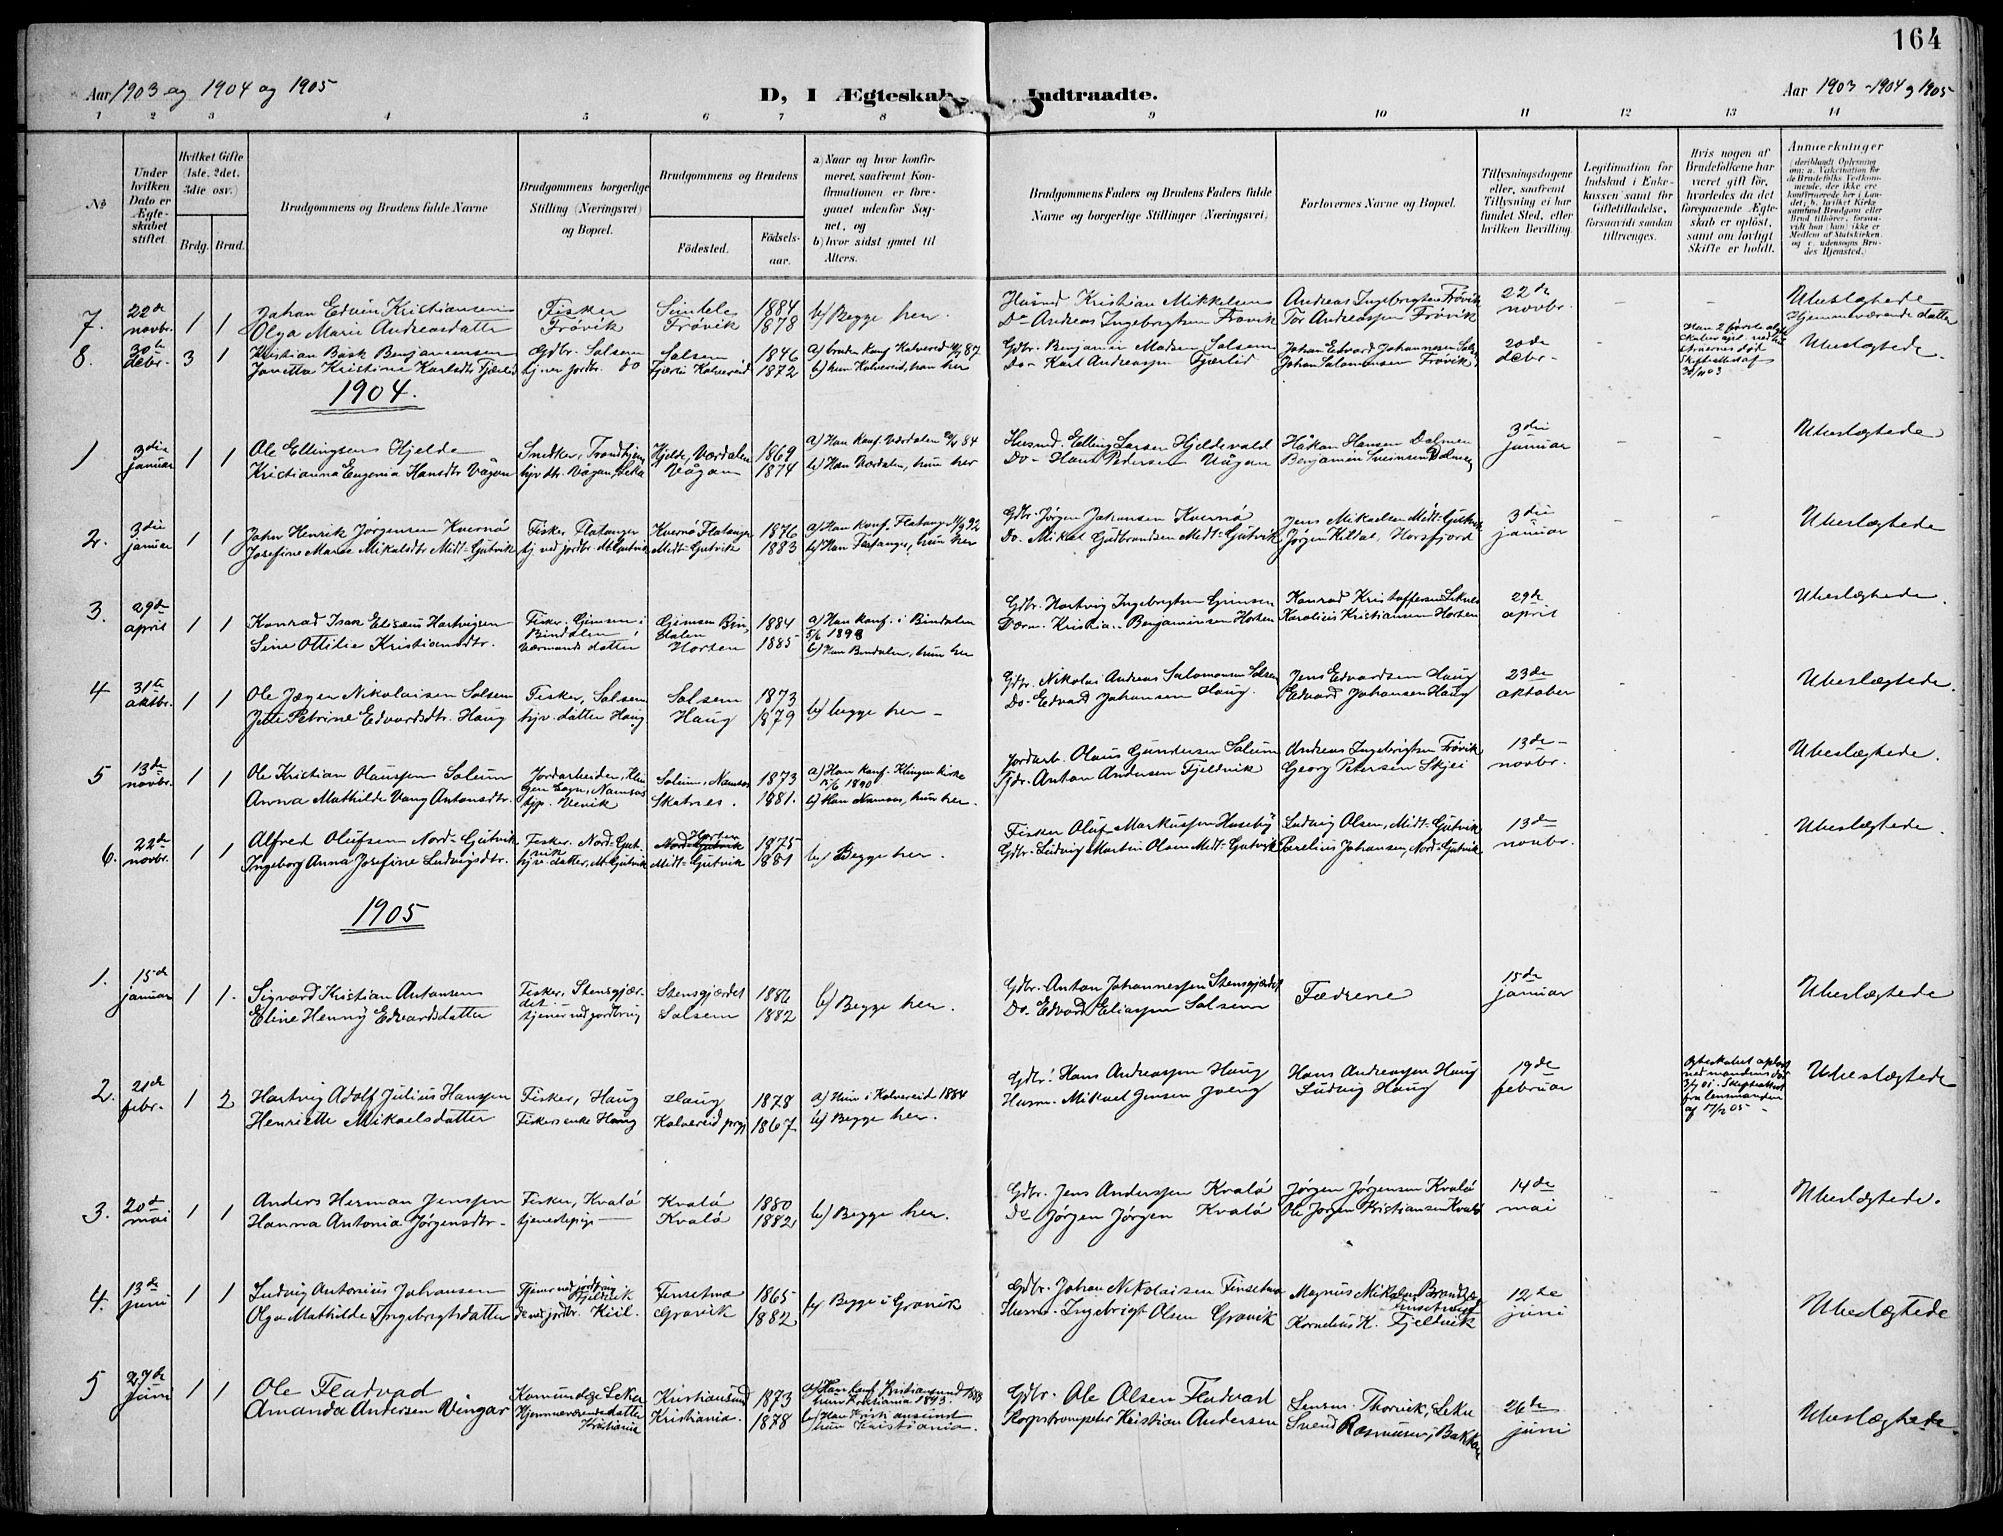 SAT, Ministerialprotokoller, klokkerbøker og fødselsregistre - Nord-Trøndelag, 788/L0698: Ministerialbok nr. 788A05, 1902-1921, s. 164